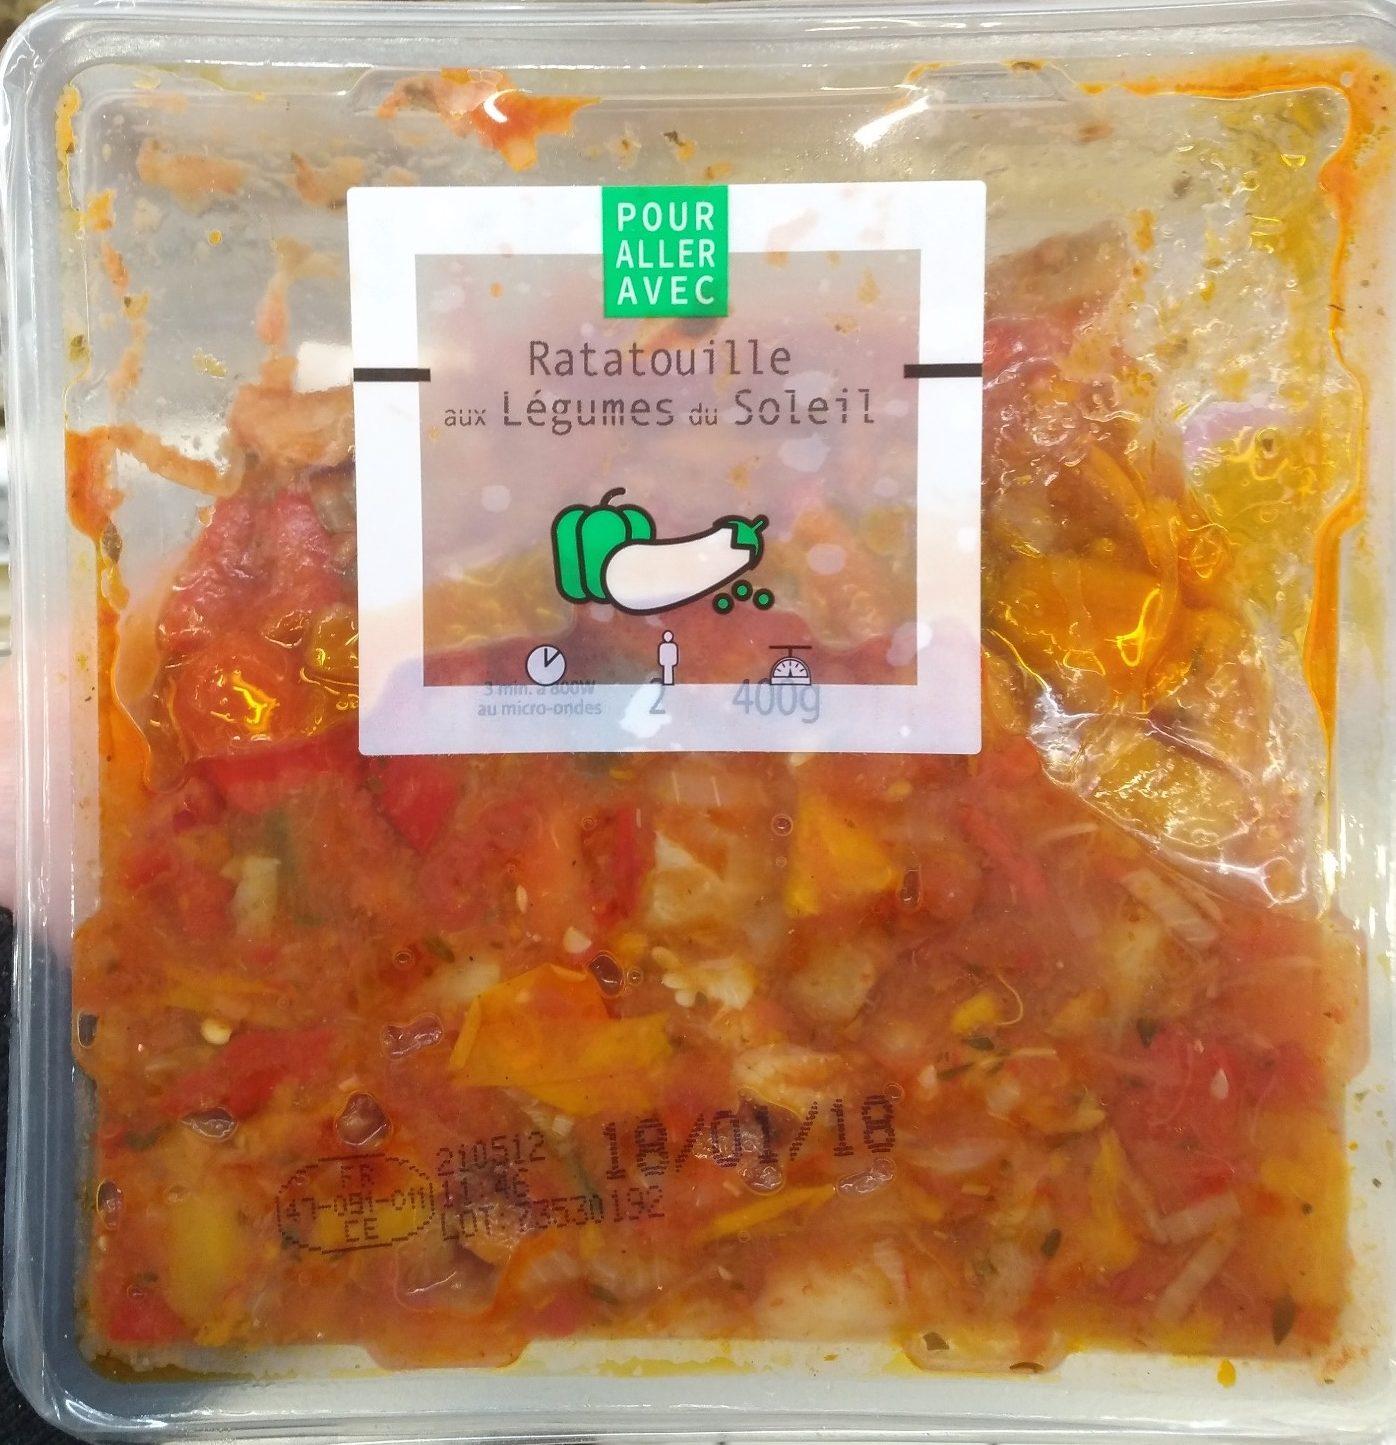 Ratatouilles aux Légumes du Soleil - Product - fr